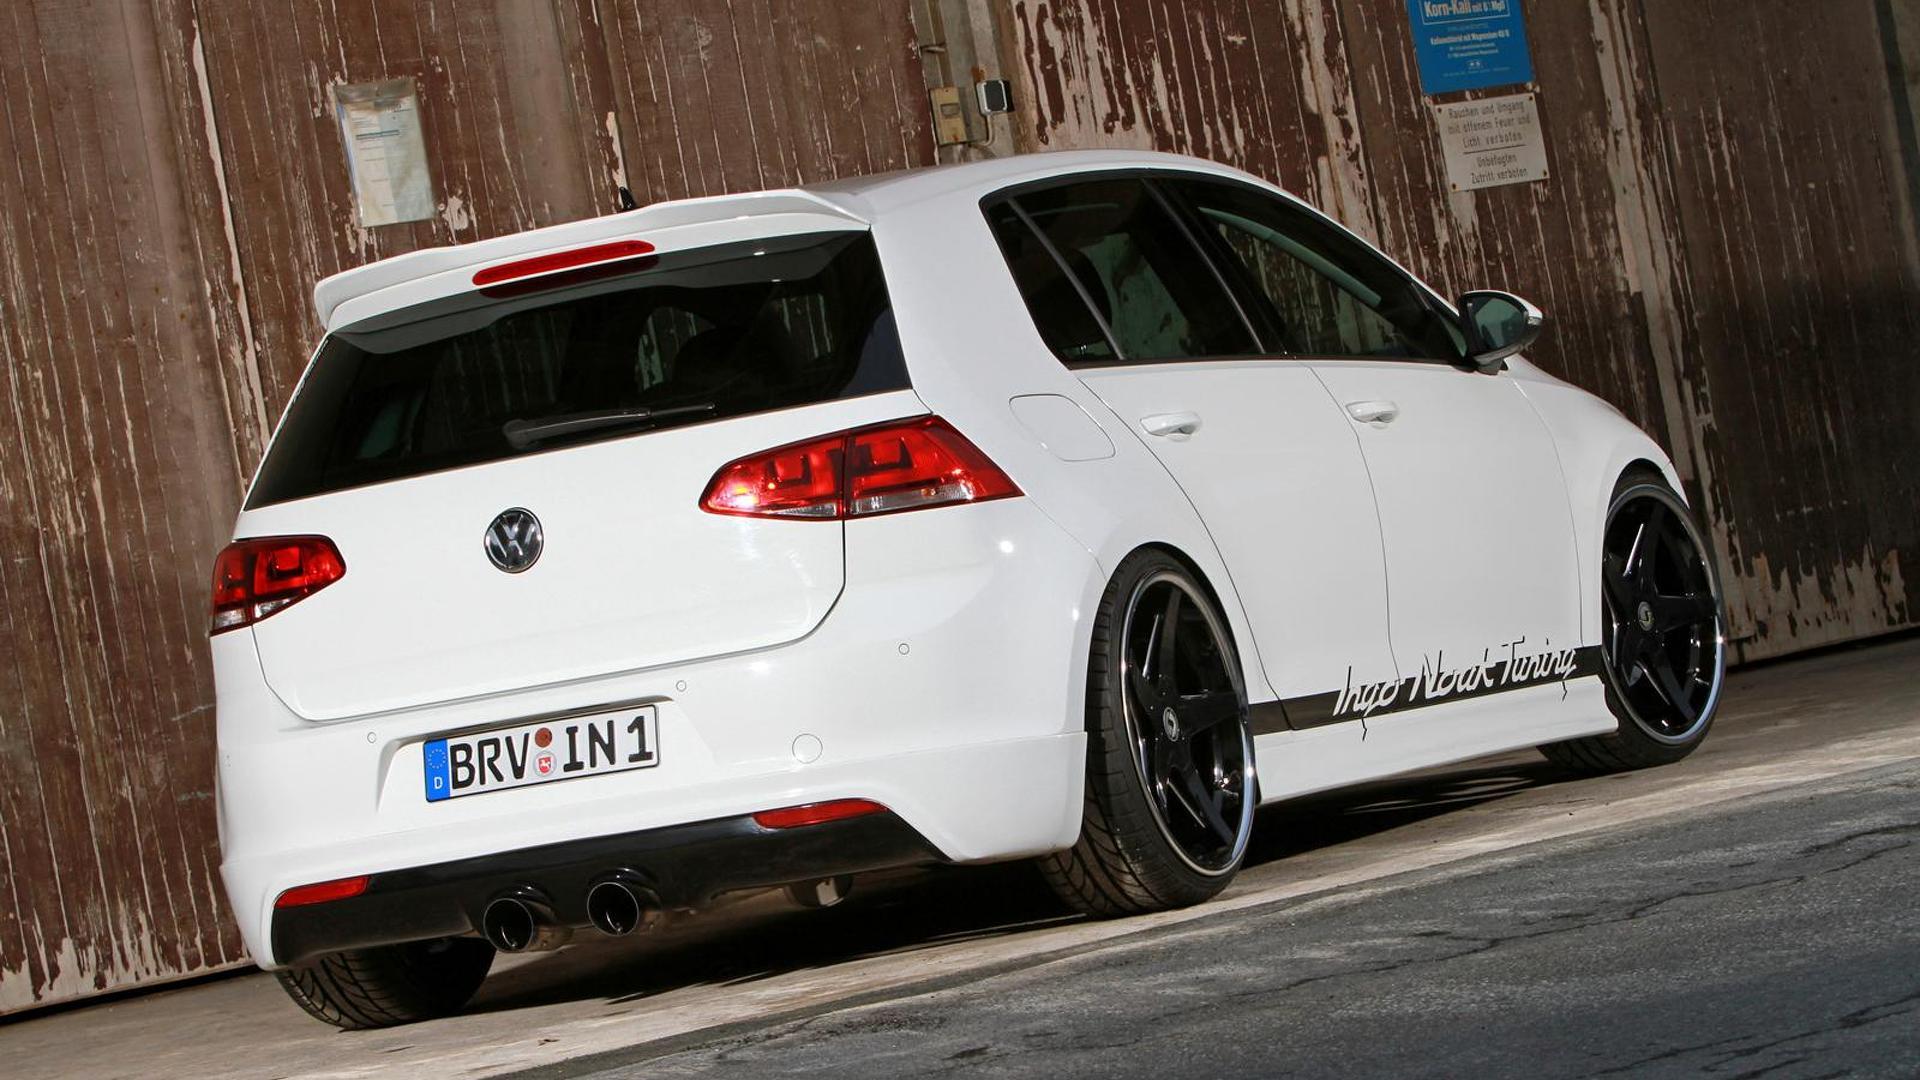 Апдейт VW Golf VII 1.4 TSI от Ingo Noak Tuning